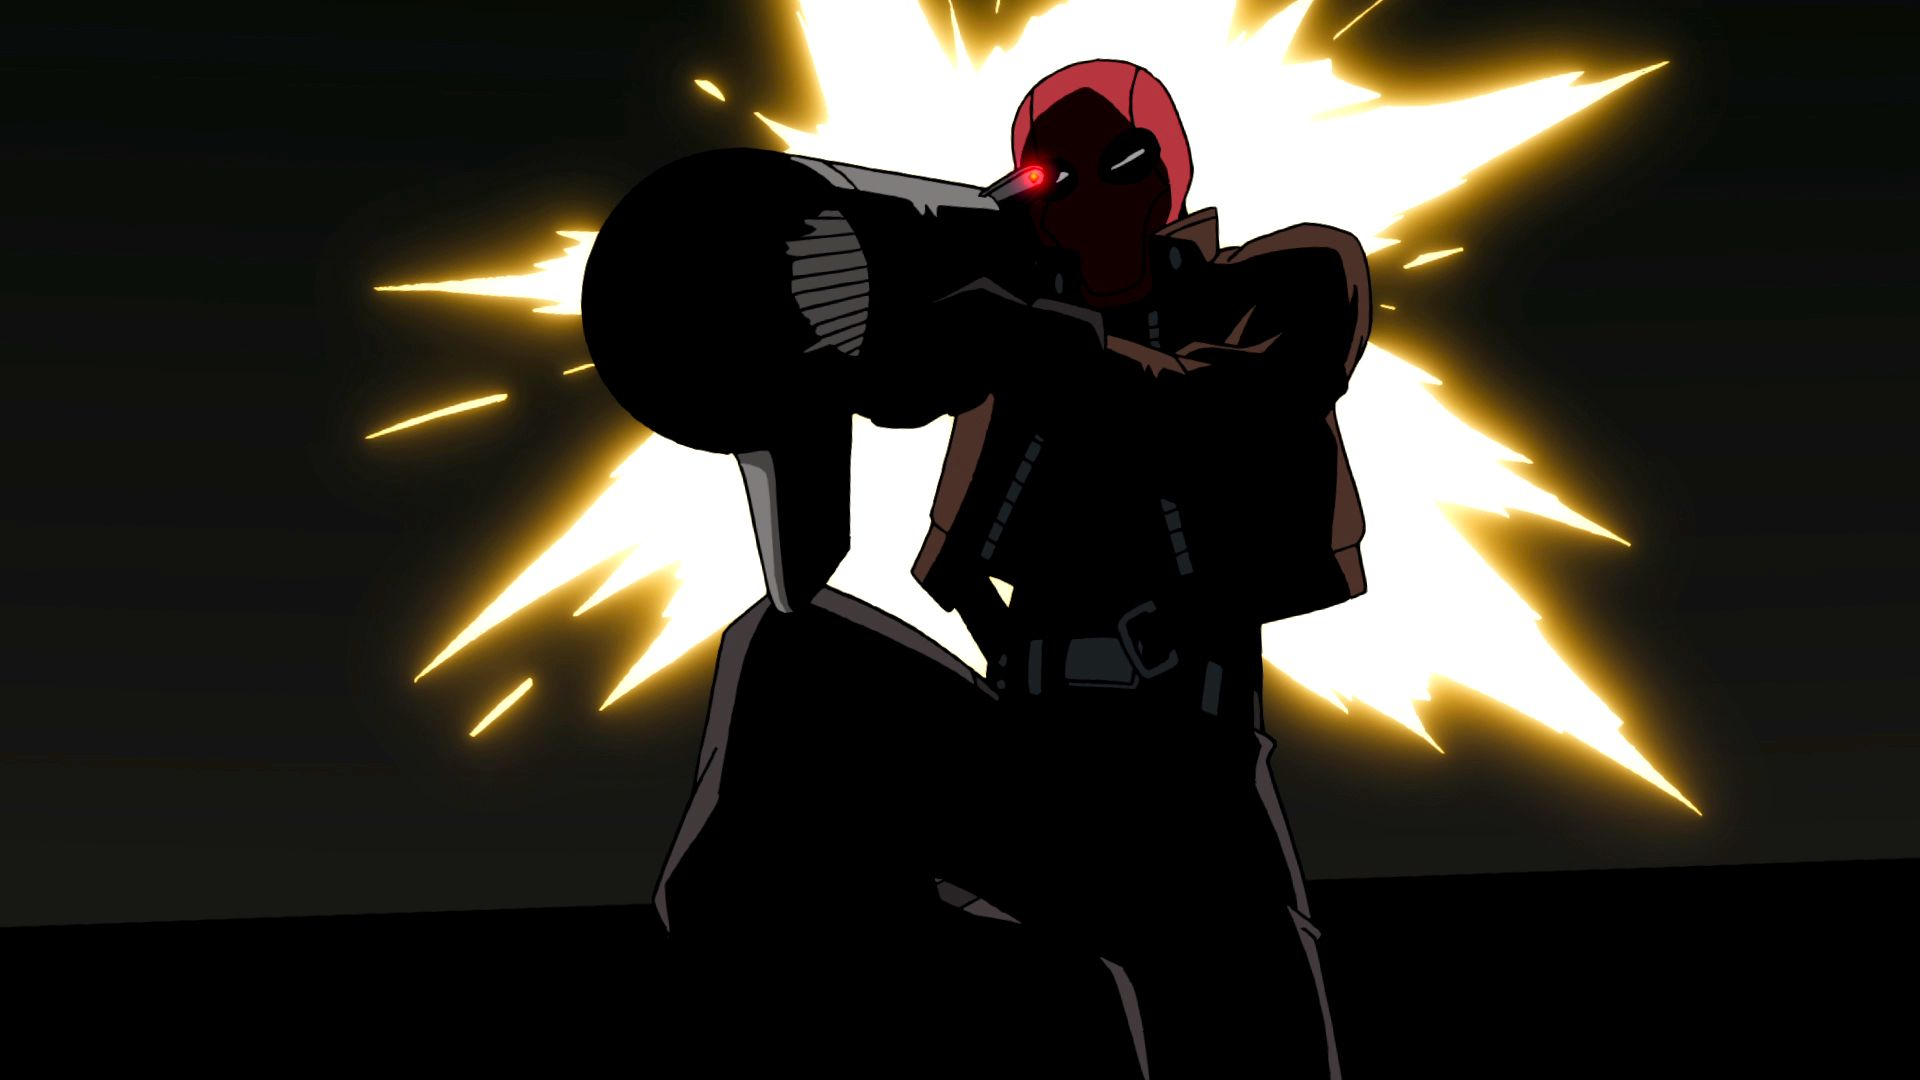 Batman Vs Red Hood Wallpaper